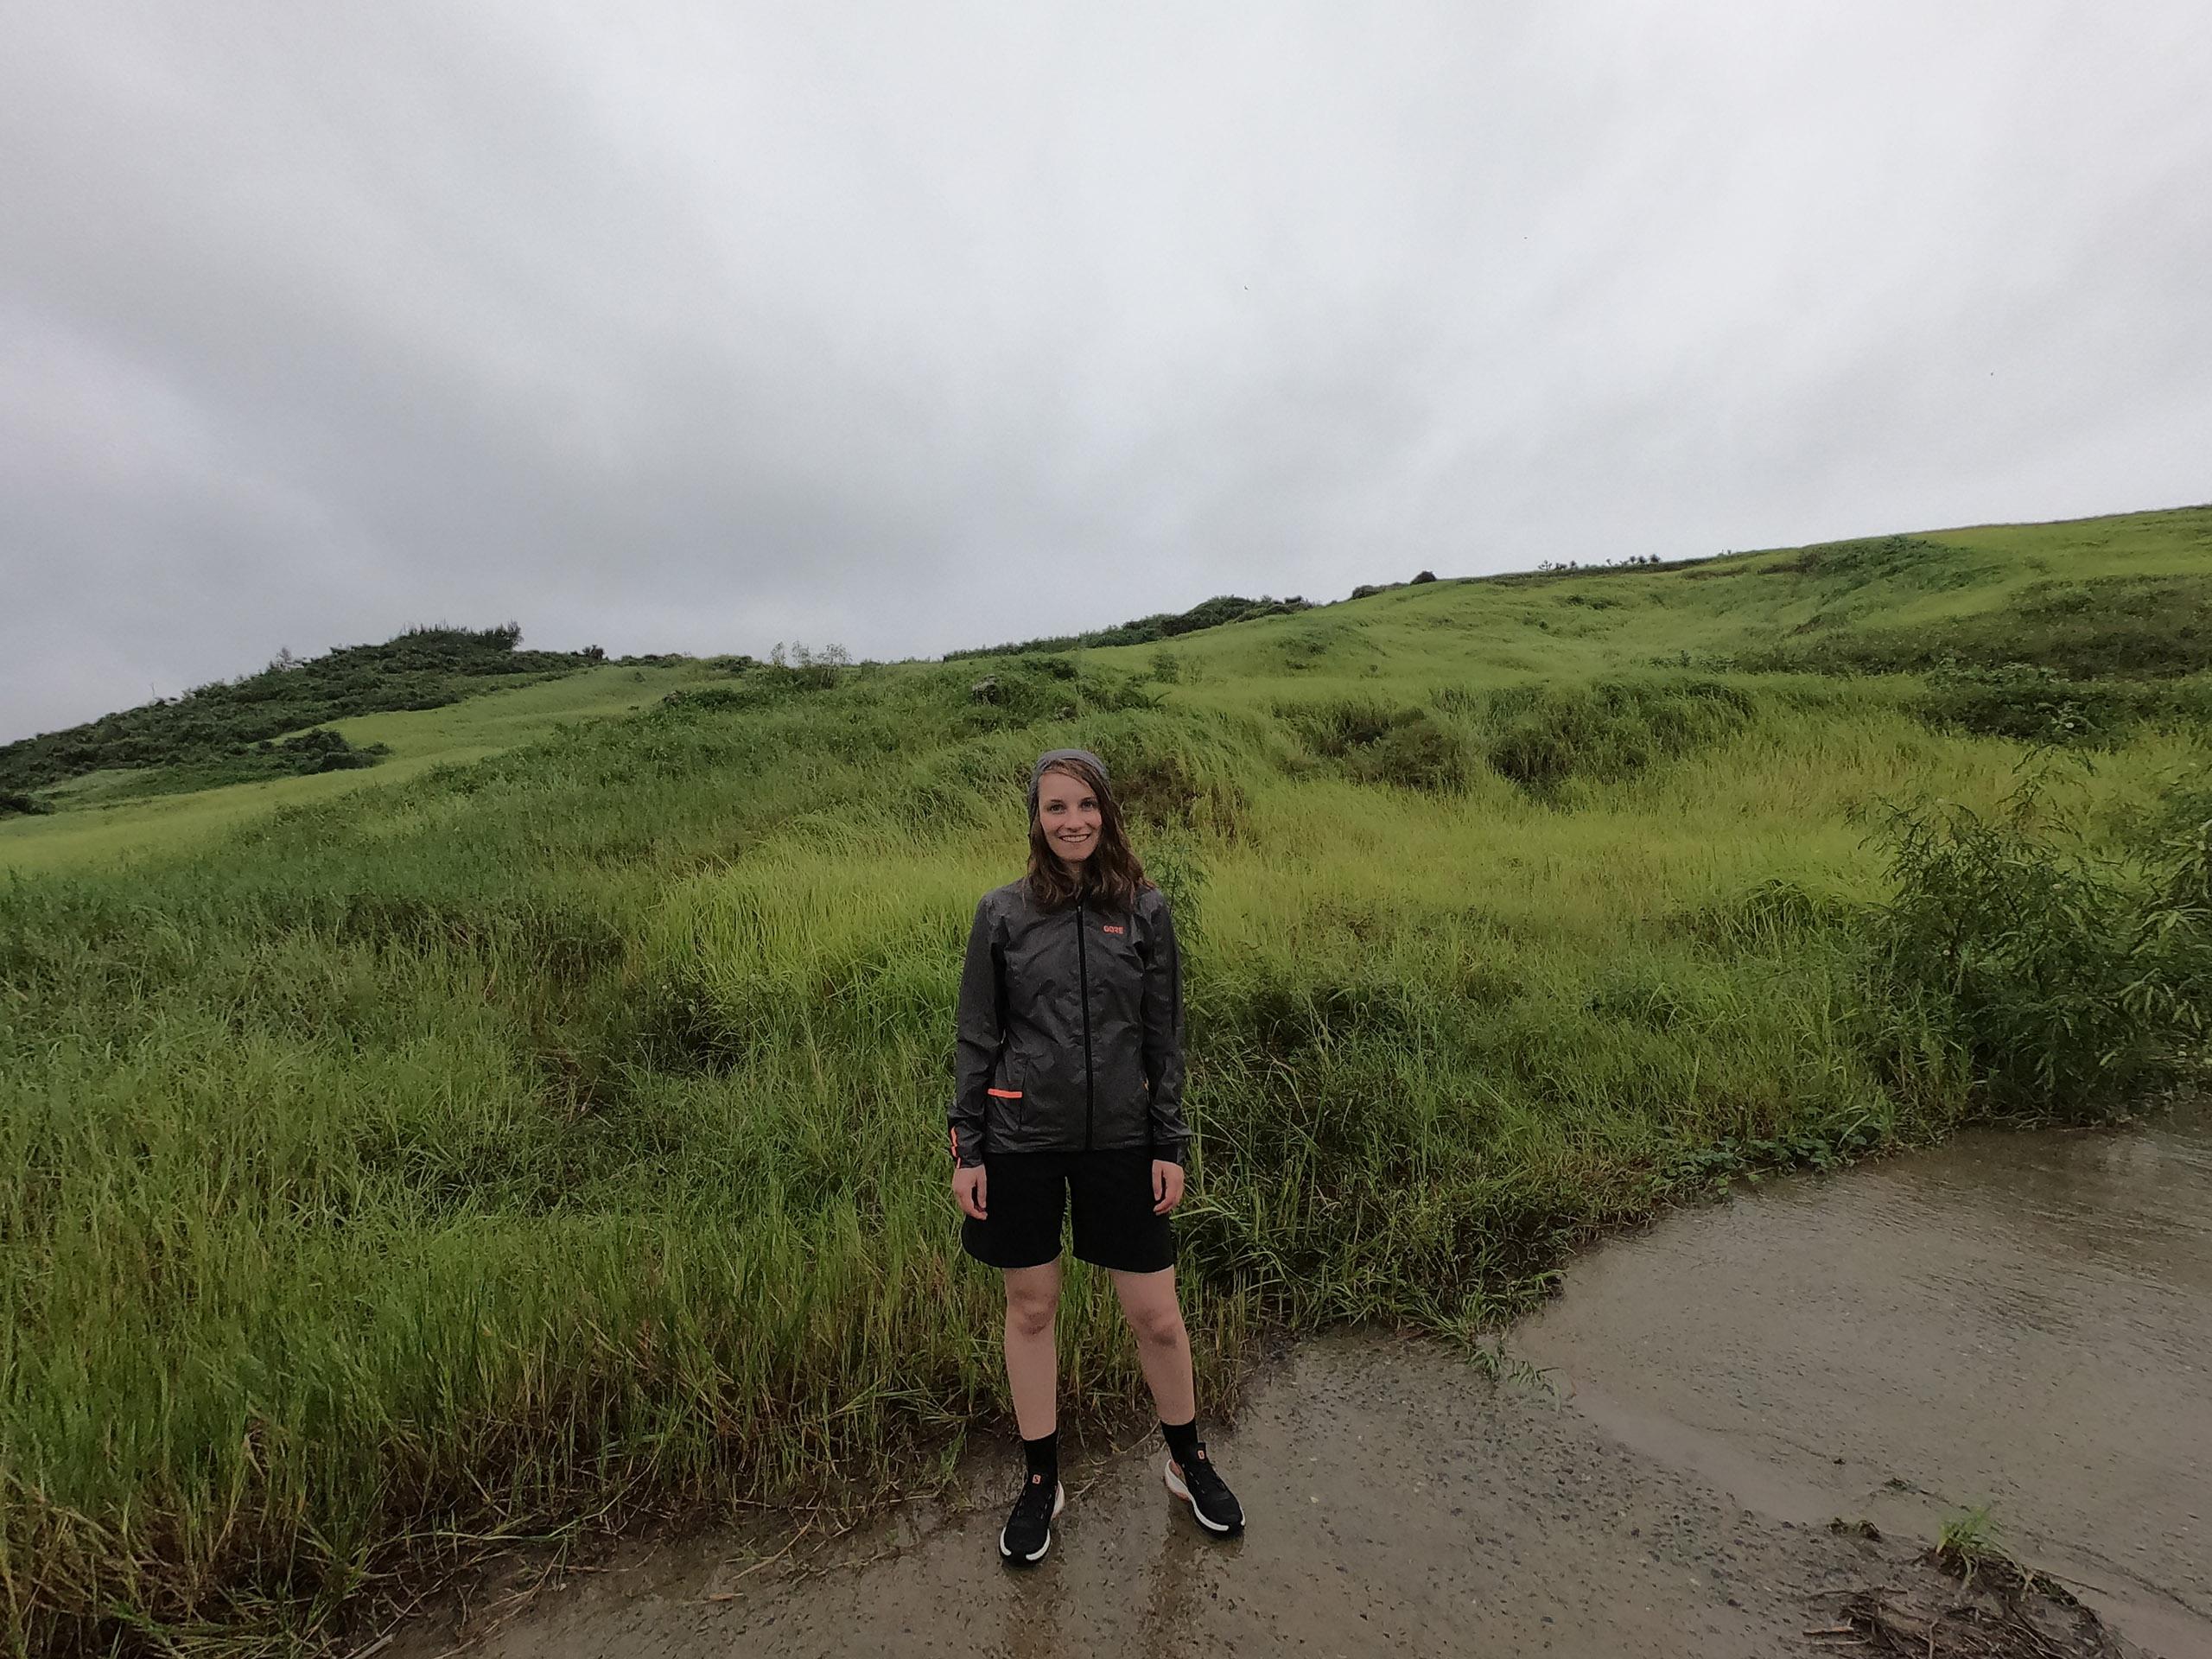 Wandererin mit GORE Wear Shakedry Jacke im Regen in Taiwan